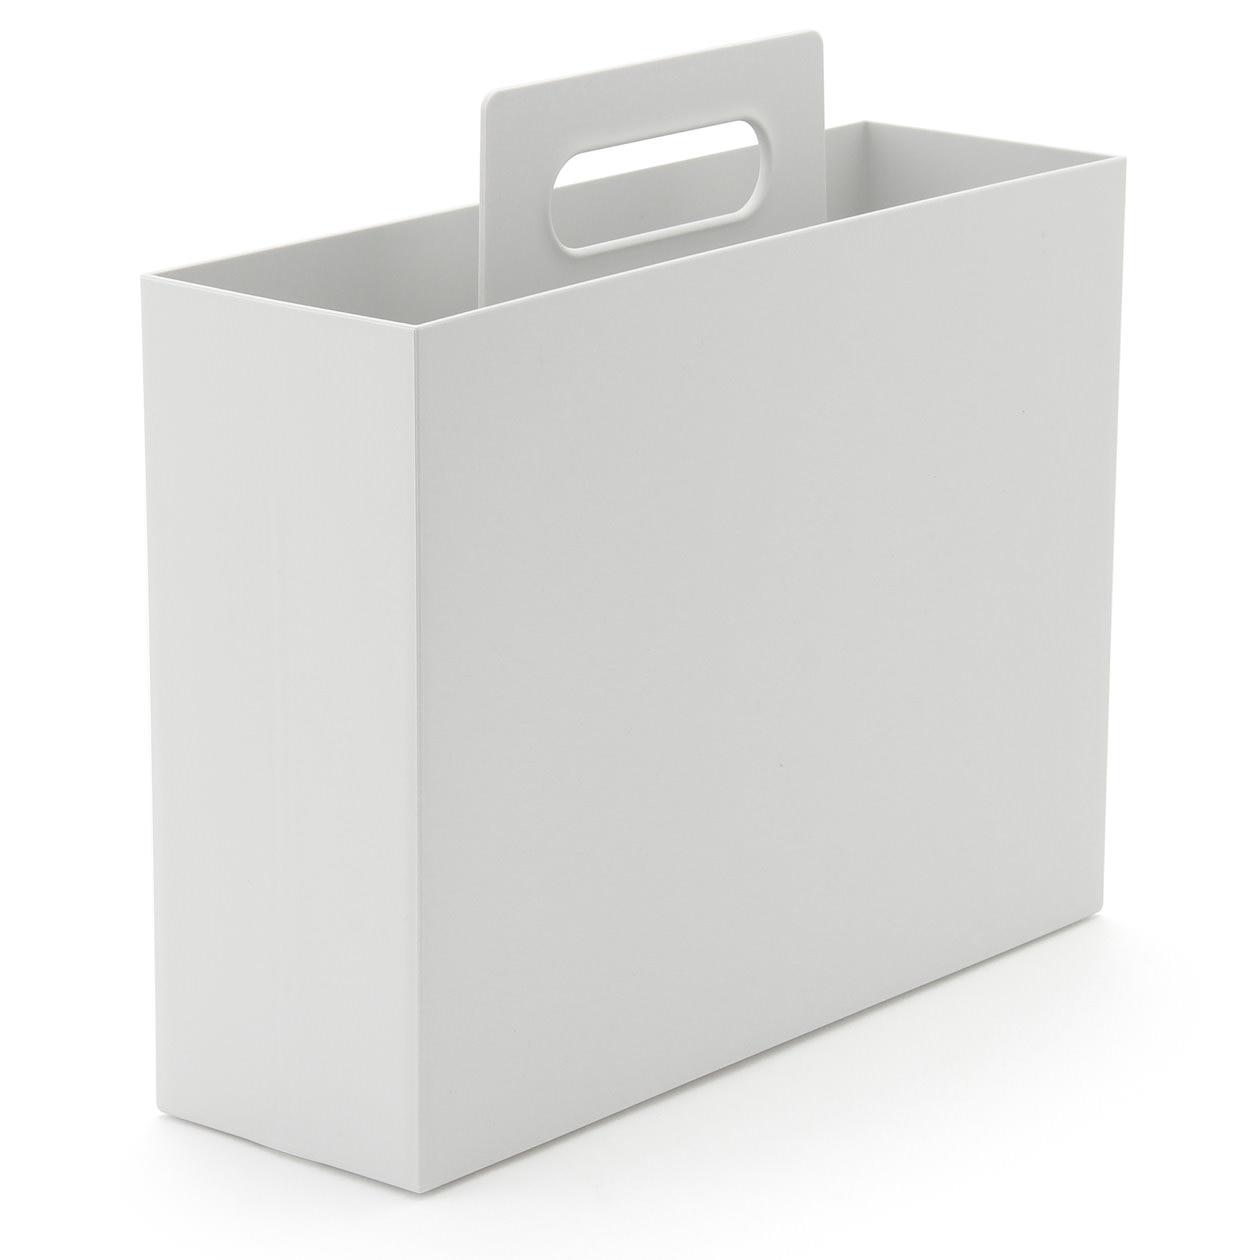 【まとめ買い】PP持ち手付きファイルボックス・スタンダードタイプ・ホワイトグレー